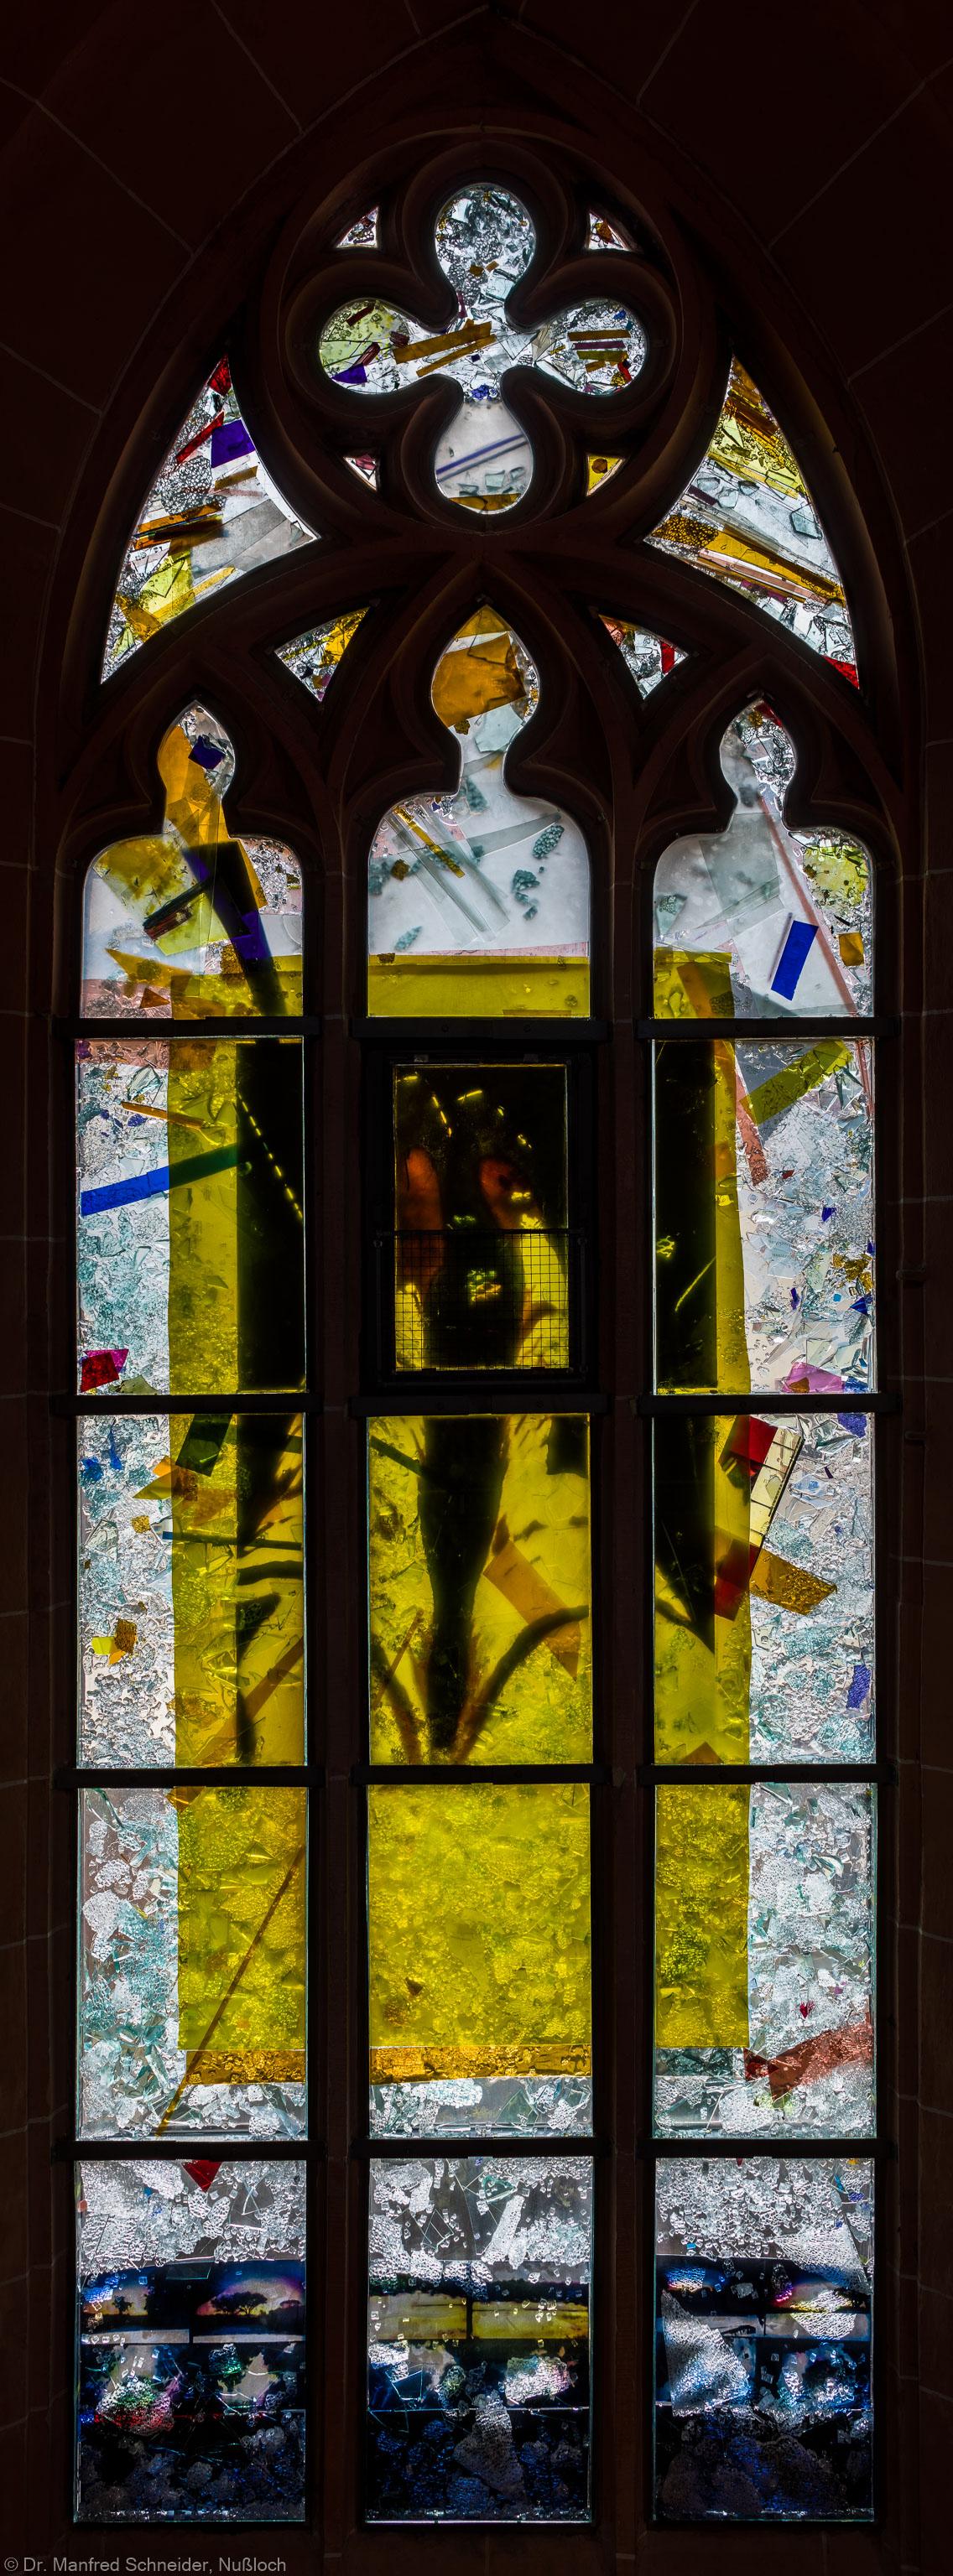 """Heidelberg - Heiliggeistkirche - Nordschiff - 3. Joch, von Westen aus gezählt - Gesamtaufnahme des Fensters """"Schöpfungsgeschichte - Gott sprach: es werde Licht"""" von Hella De Santarossa (aufgenommen im Oktober 2015, am frühen Nachmittag)"""